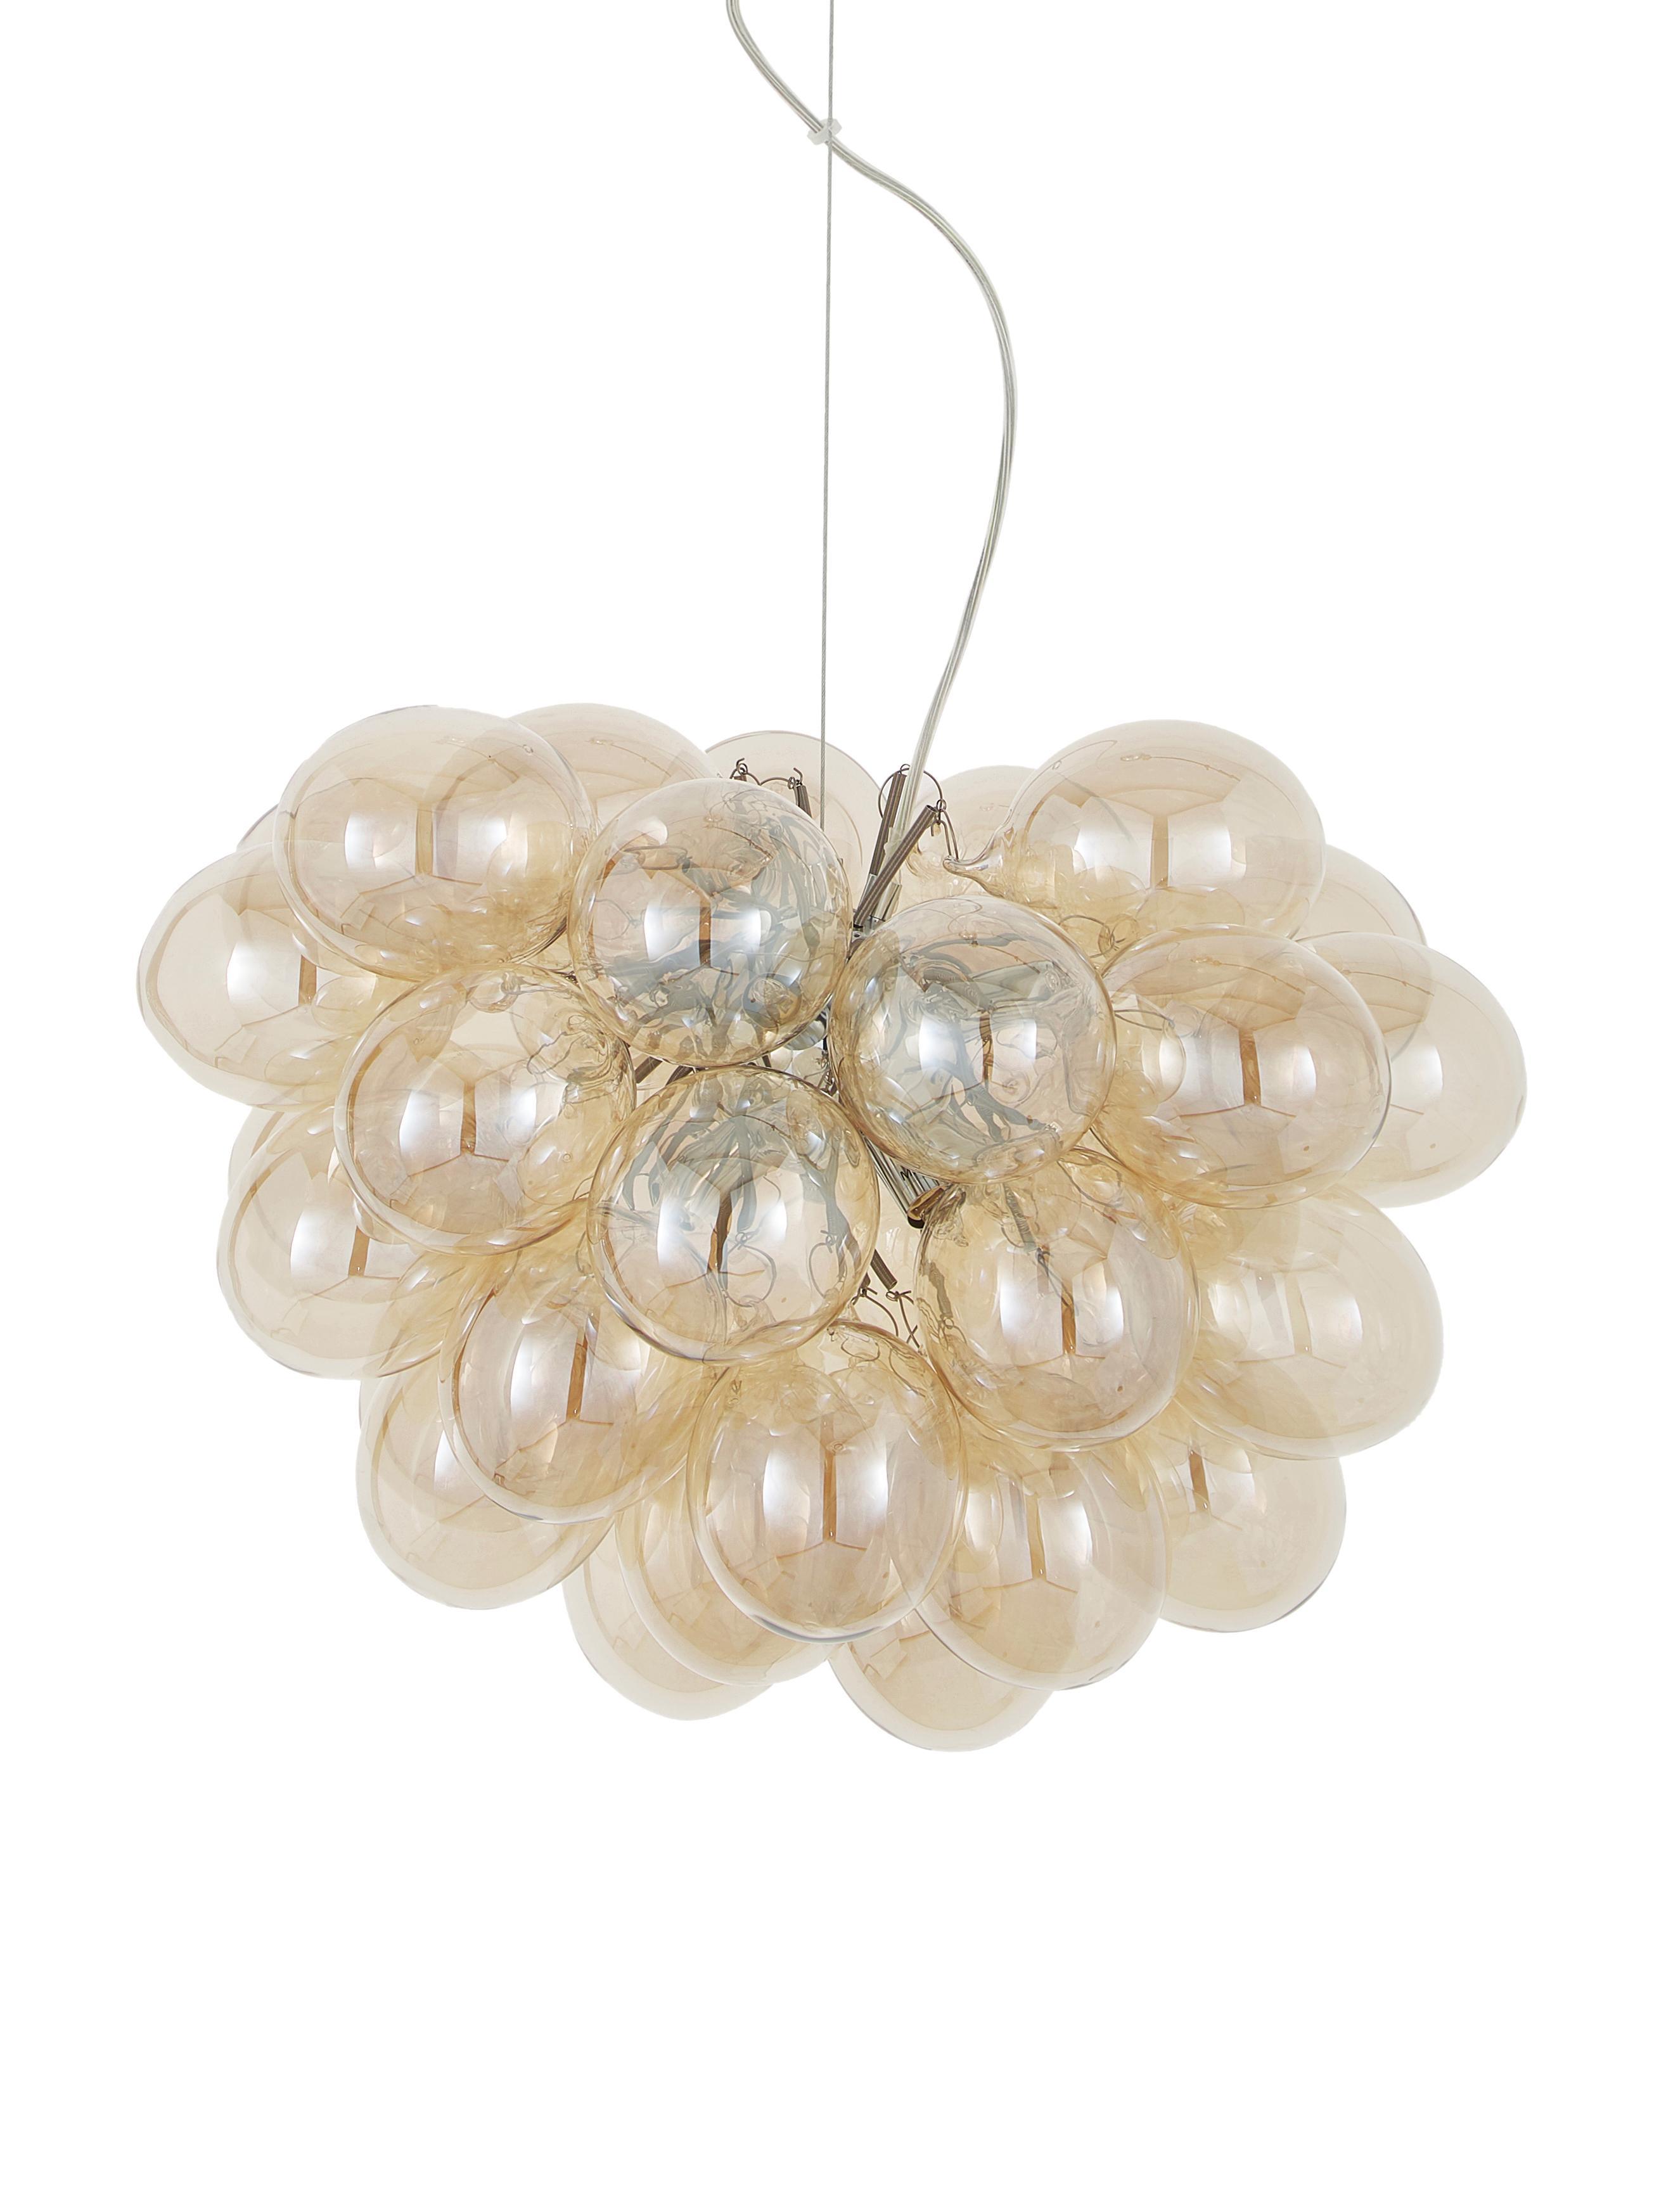 Hanglamp met glazen bollen Gross, Amberkleurig, Ø 50 x H 50 cm